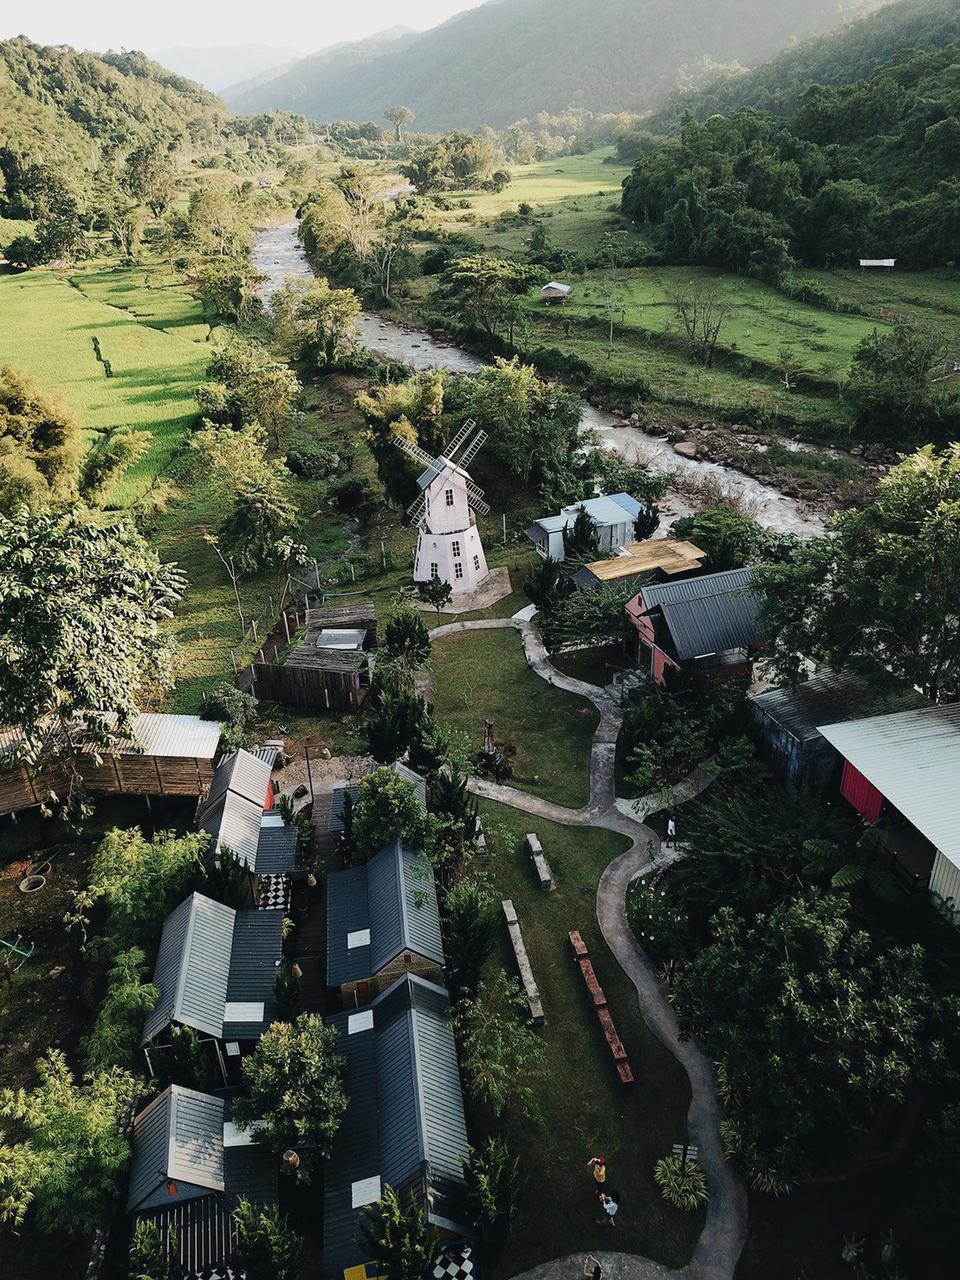 ขายกิจการ โรงแรมสุดชิค สไตล์รีสอร์ท ริมแม่น้ำมาง วิวภูเขาโอบล้อม อ.บ่อเกลือ จ.น่าน  รูปที่ 6